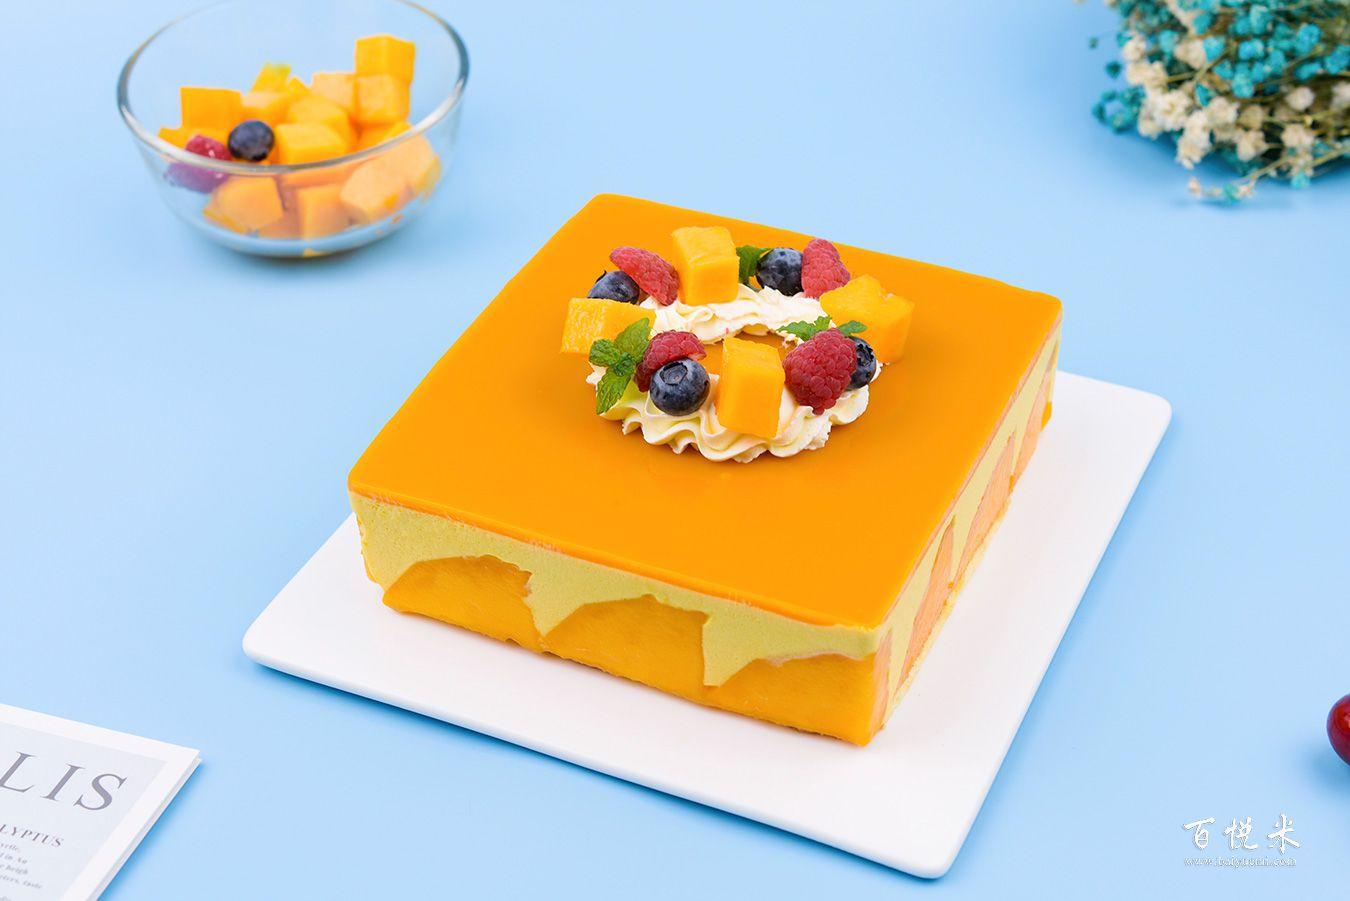 芒果慕斯蛋糕高清图片大全【蛋糕图片】_456